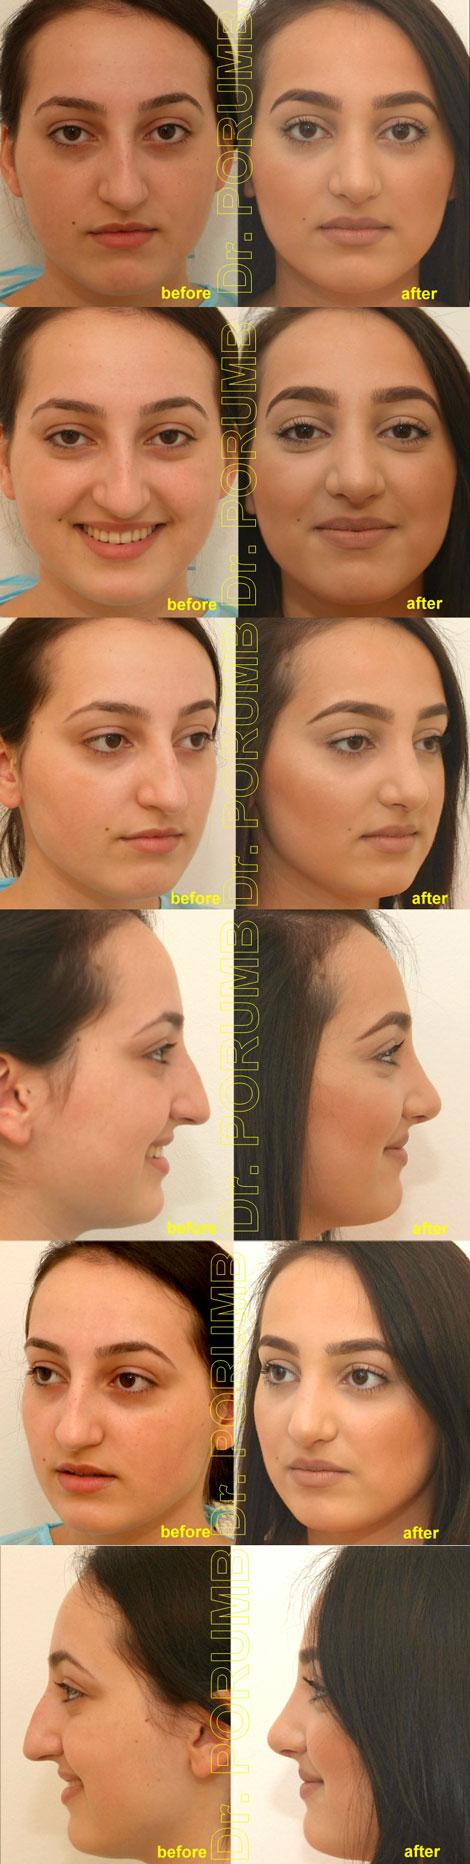 Pacienta de 33 ani, nemultumita de aspectul estetic al nasului, de marimea nasul